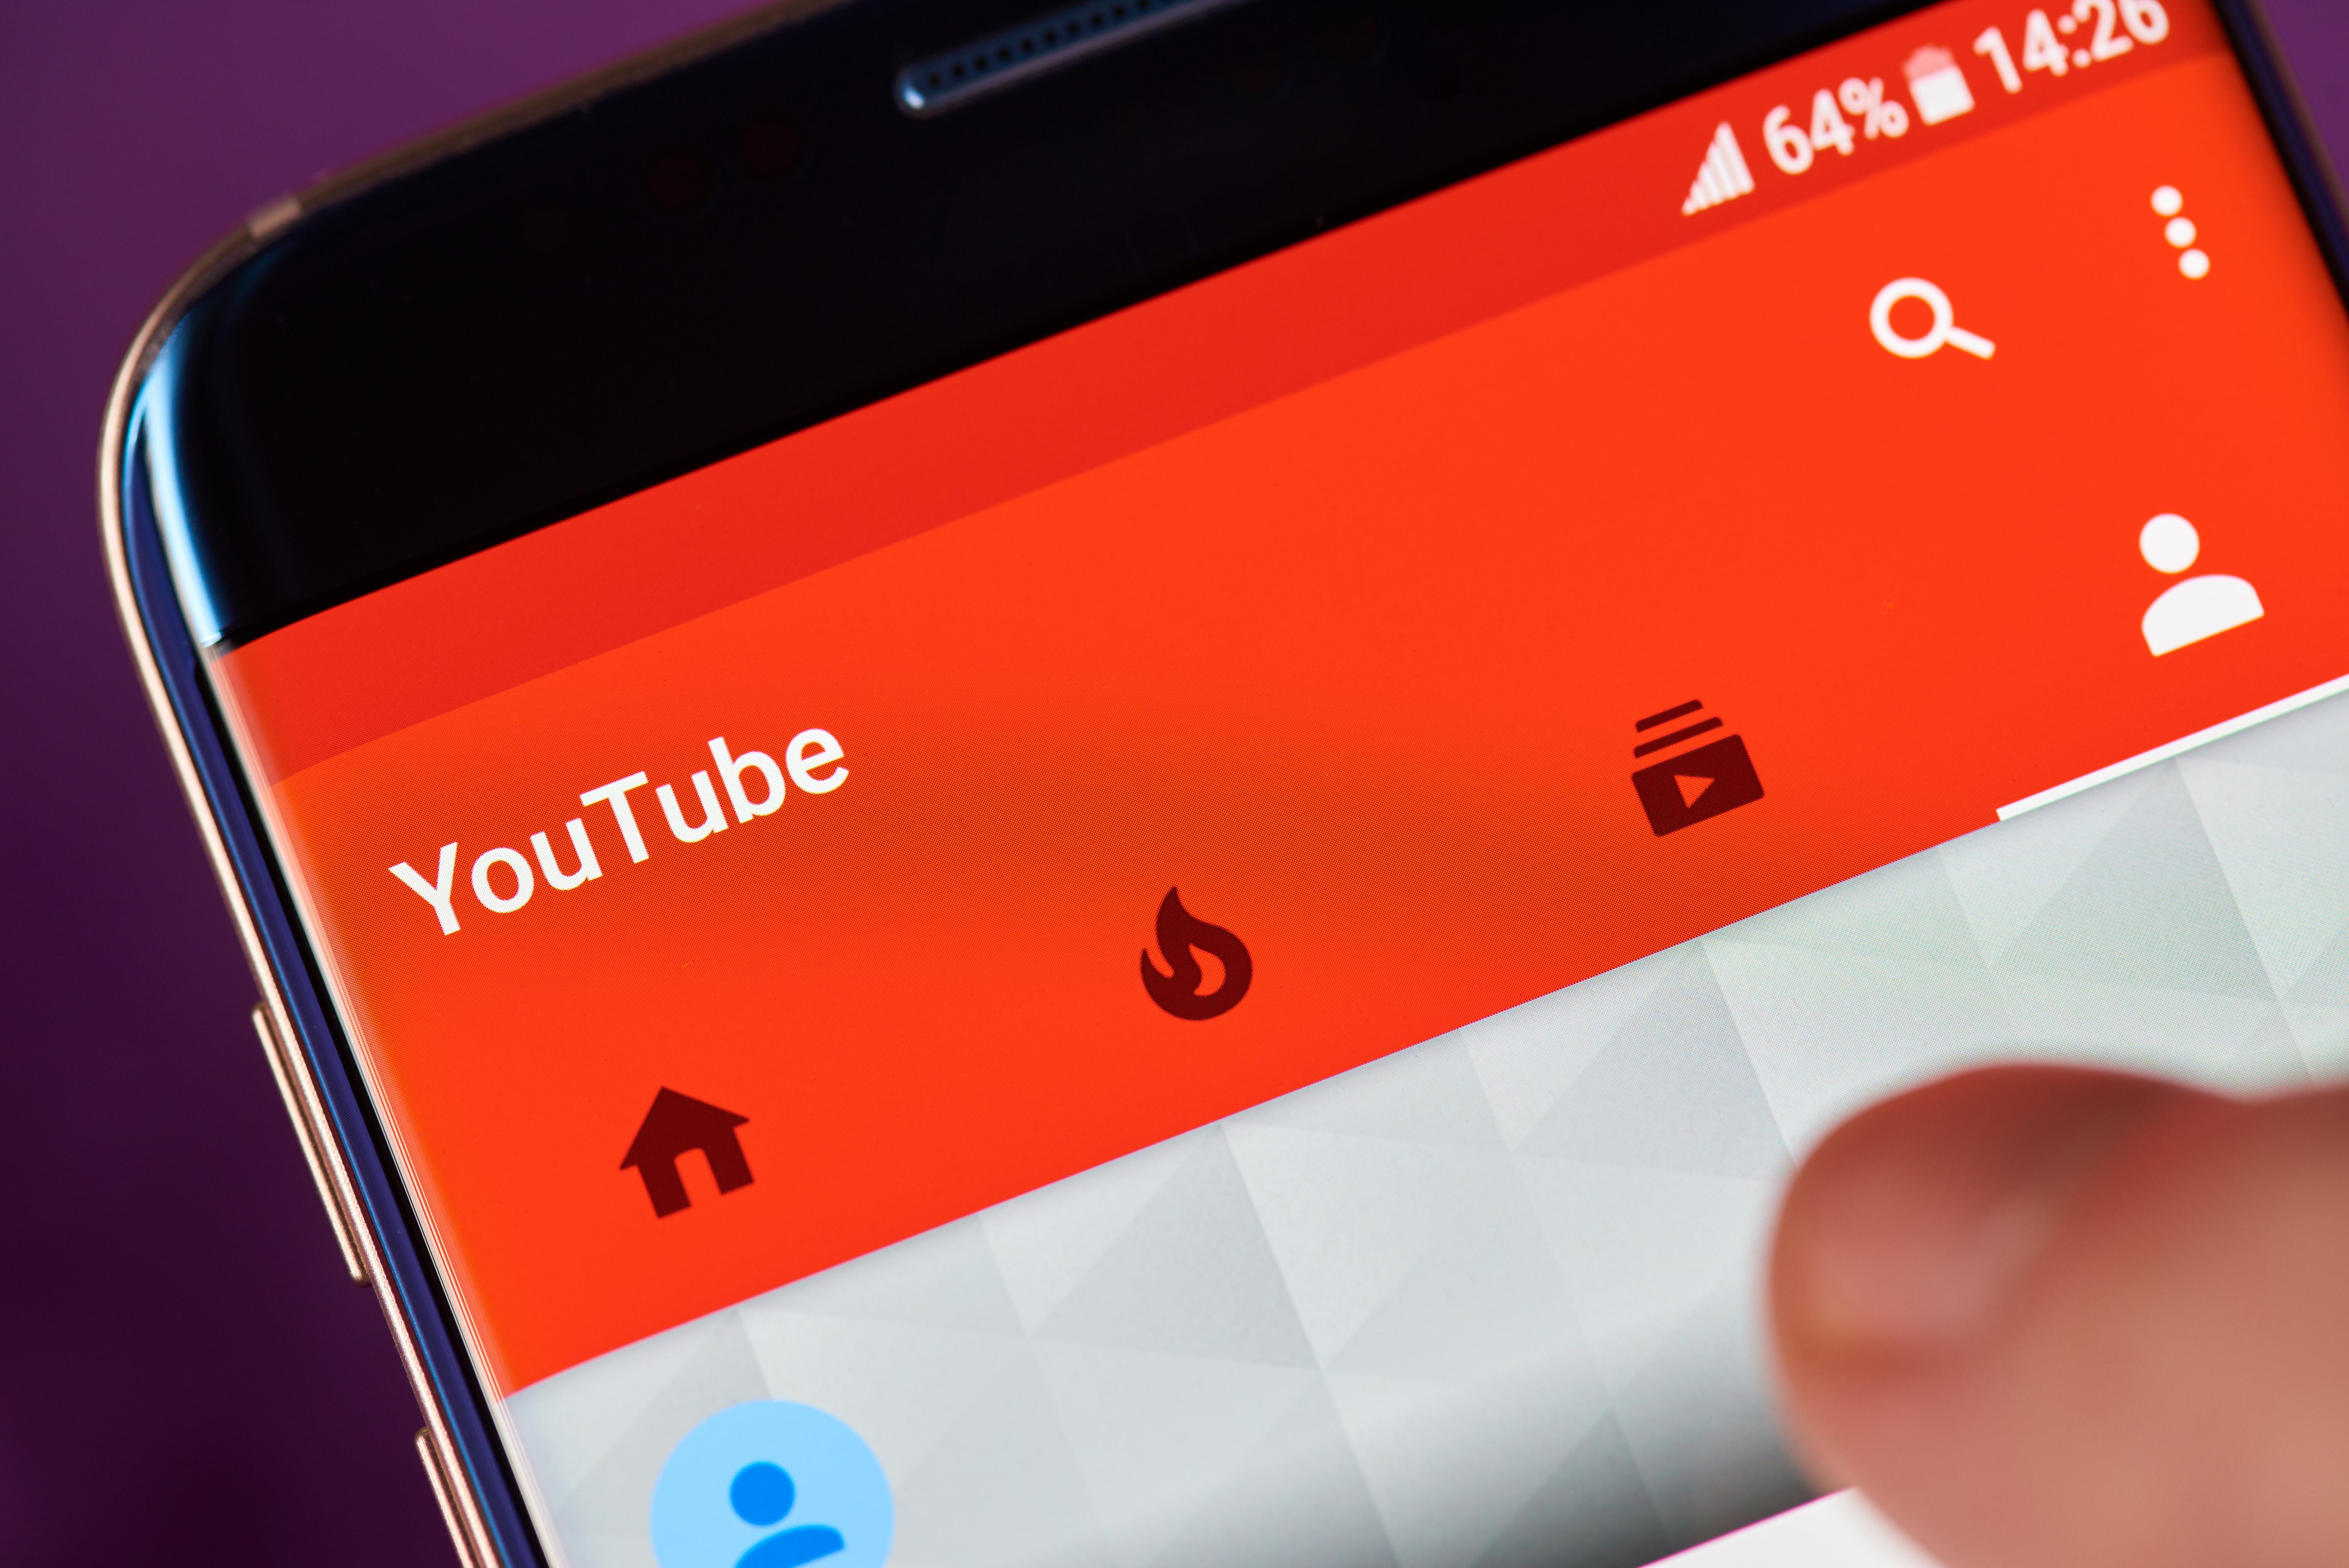 [YouTube] Baisse de la durée des vidéos éligibles au mid-roll